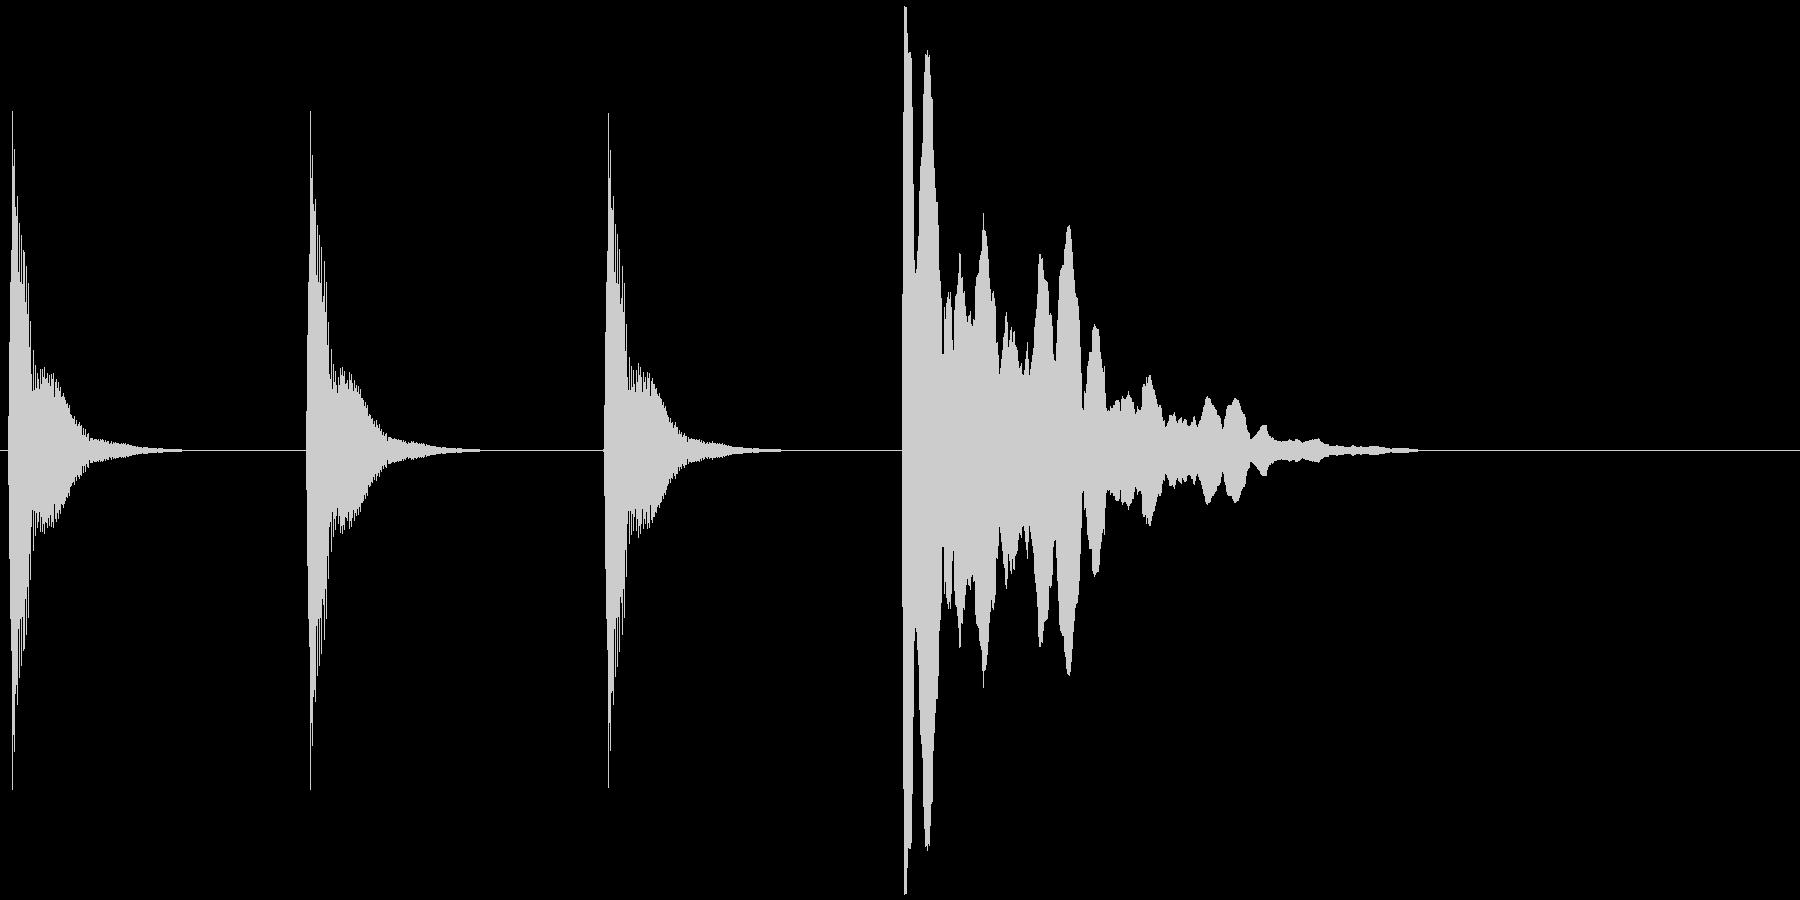 カウントダウンの音ですの未再生の波形